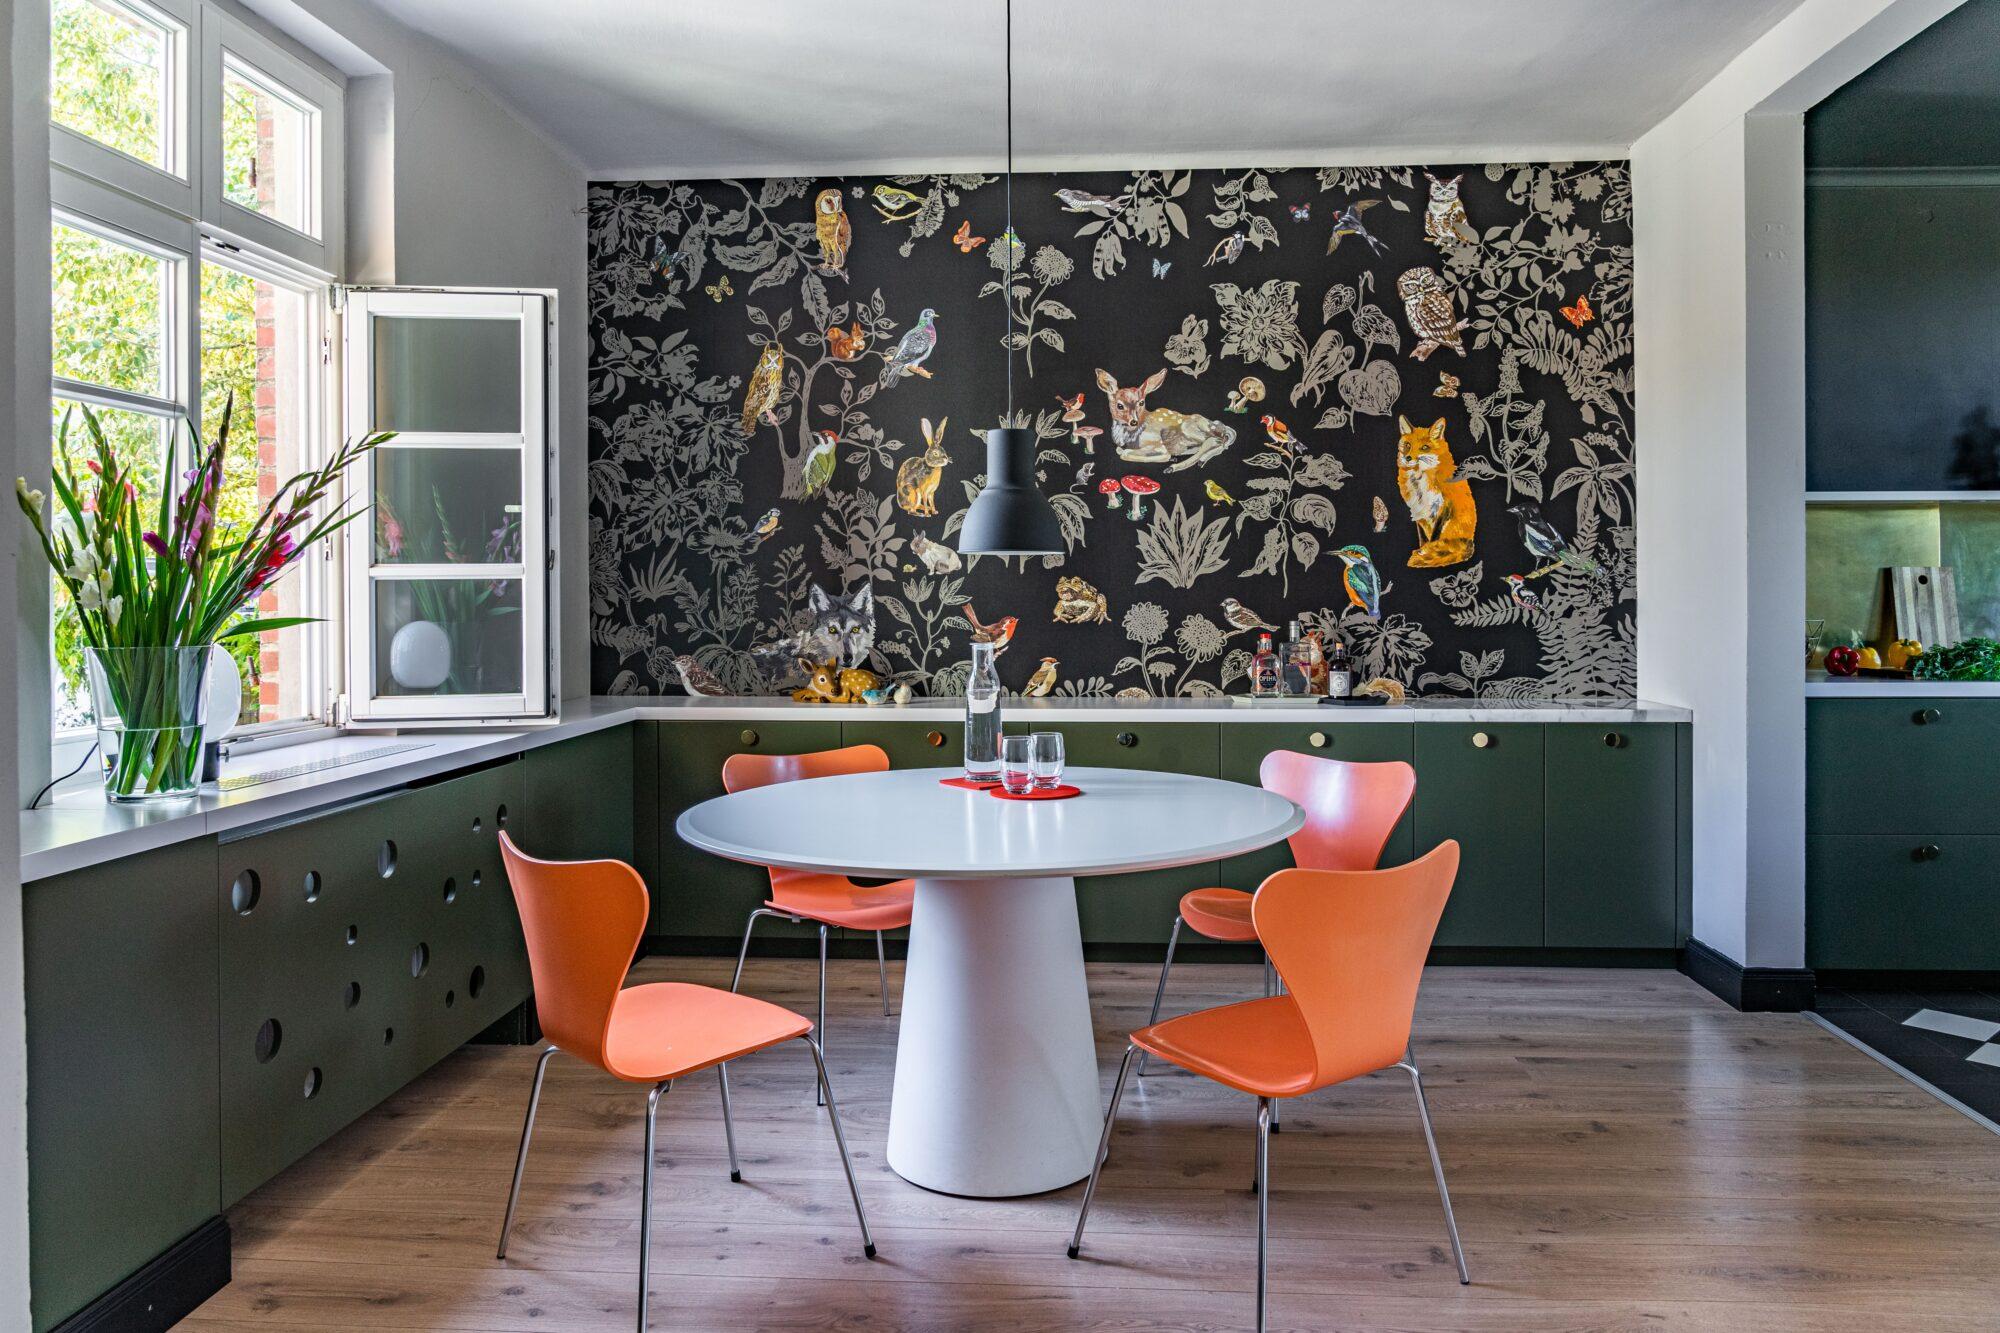 7'er stol – dansk design til hjemmet